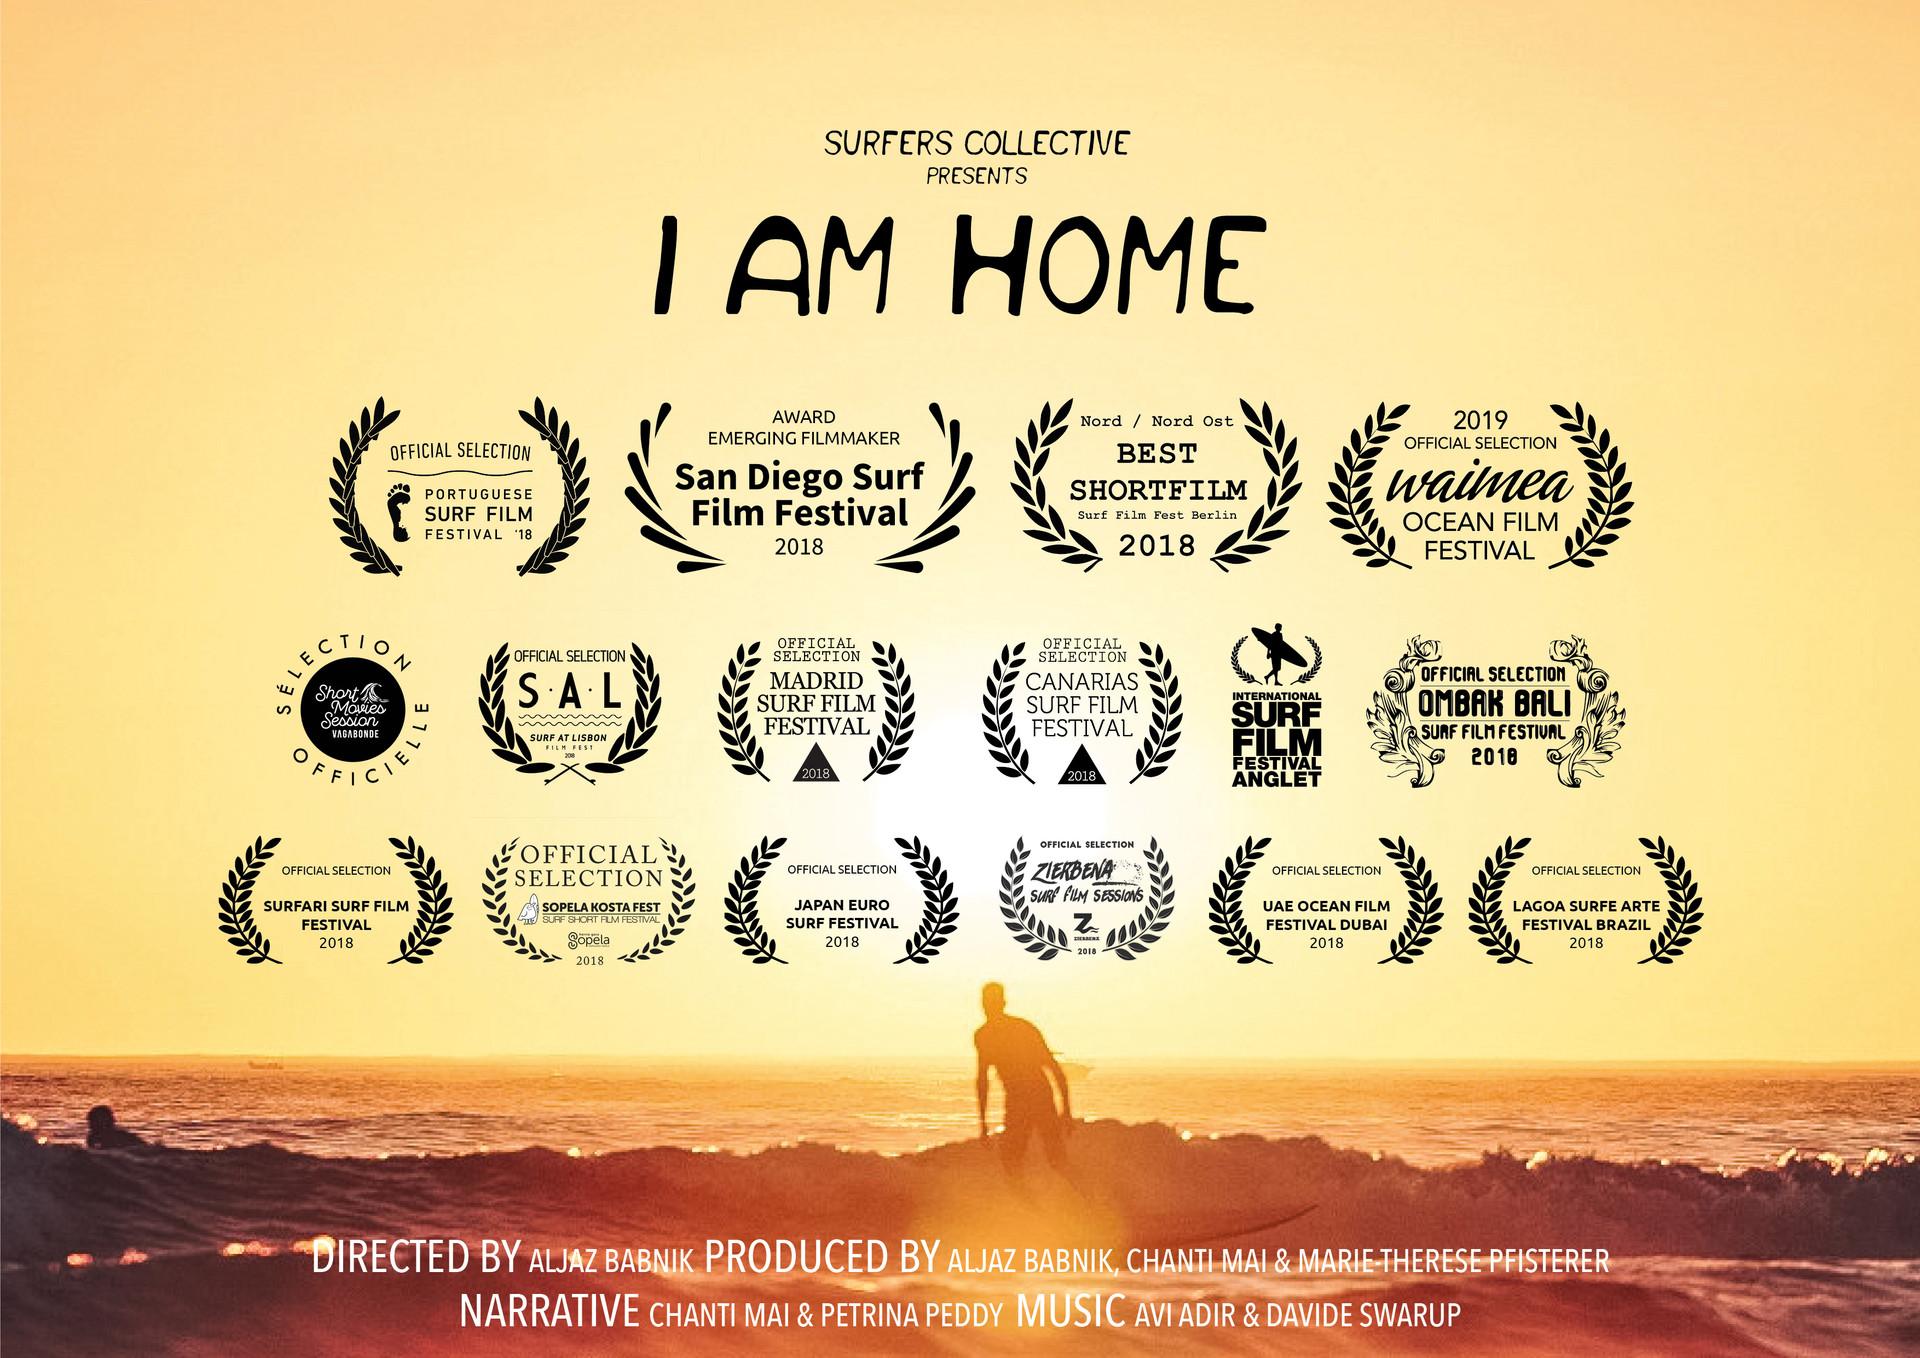 I AM HOME